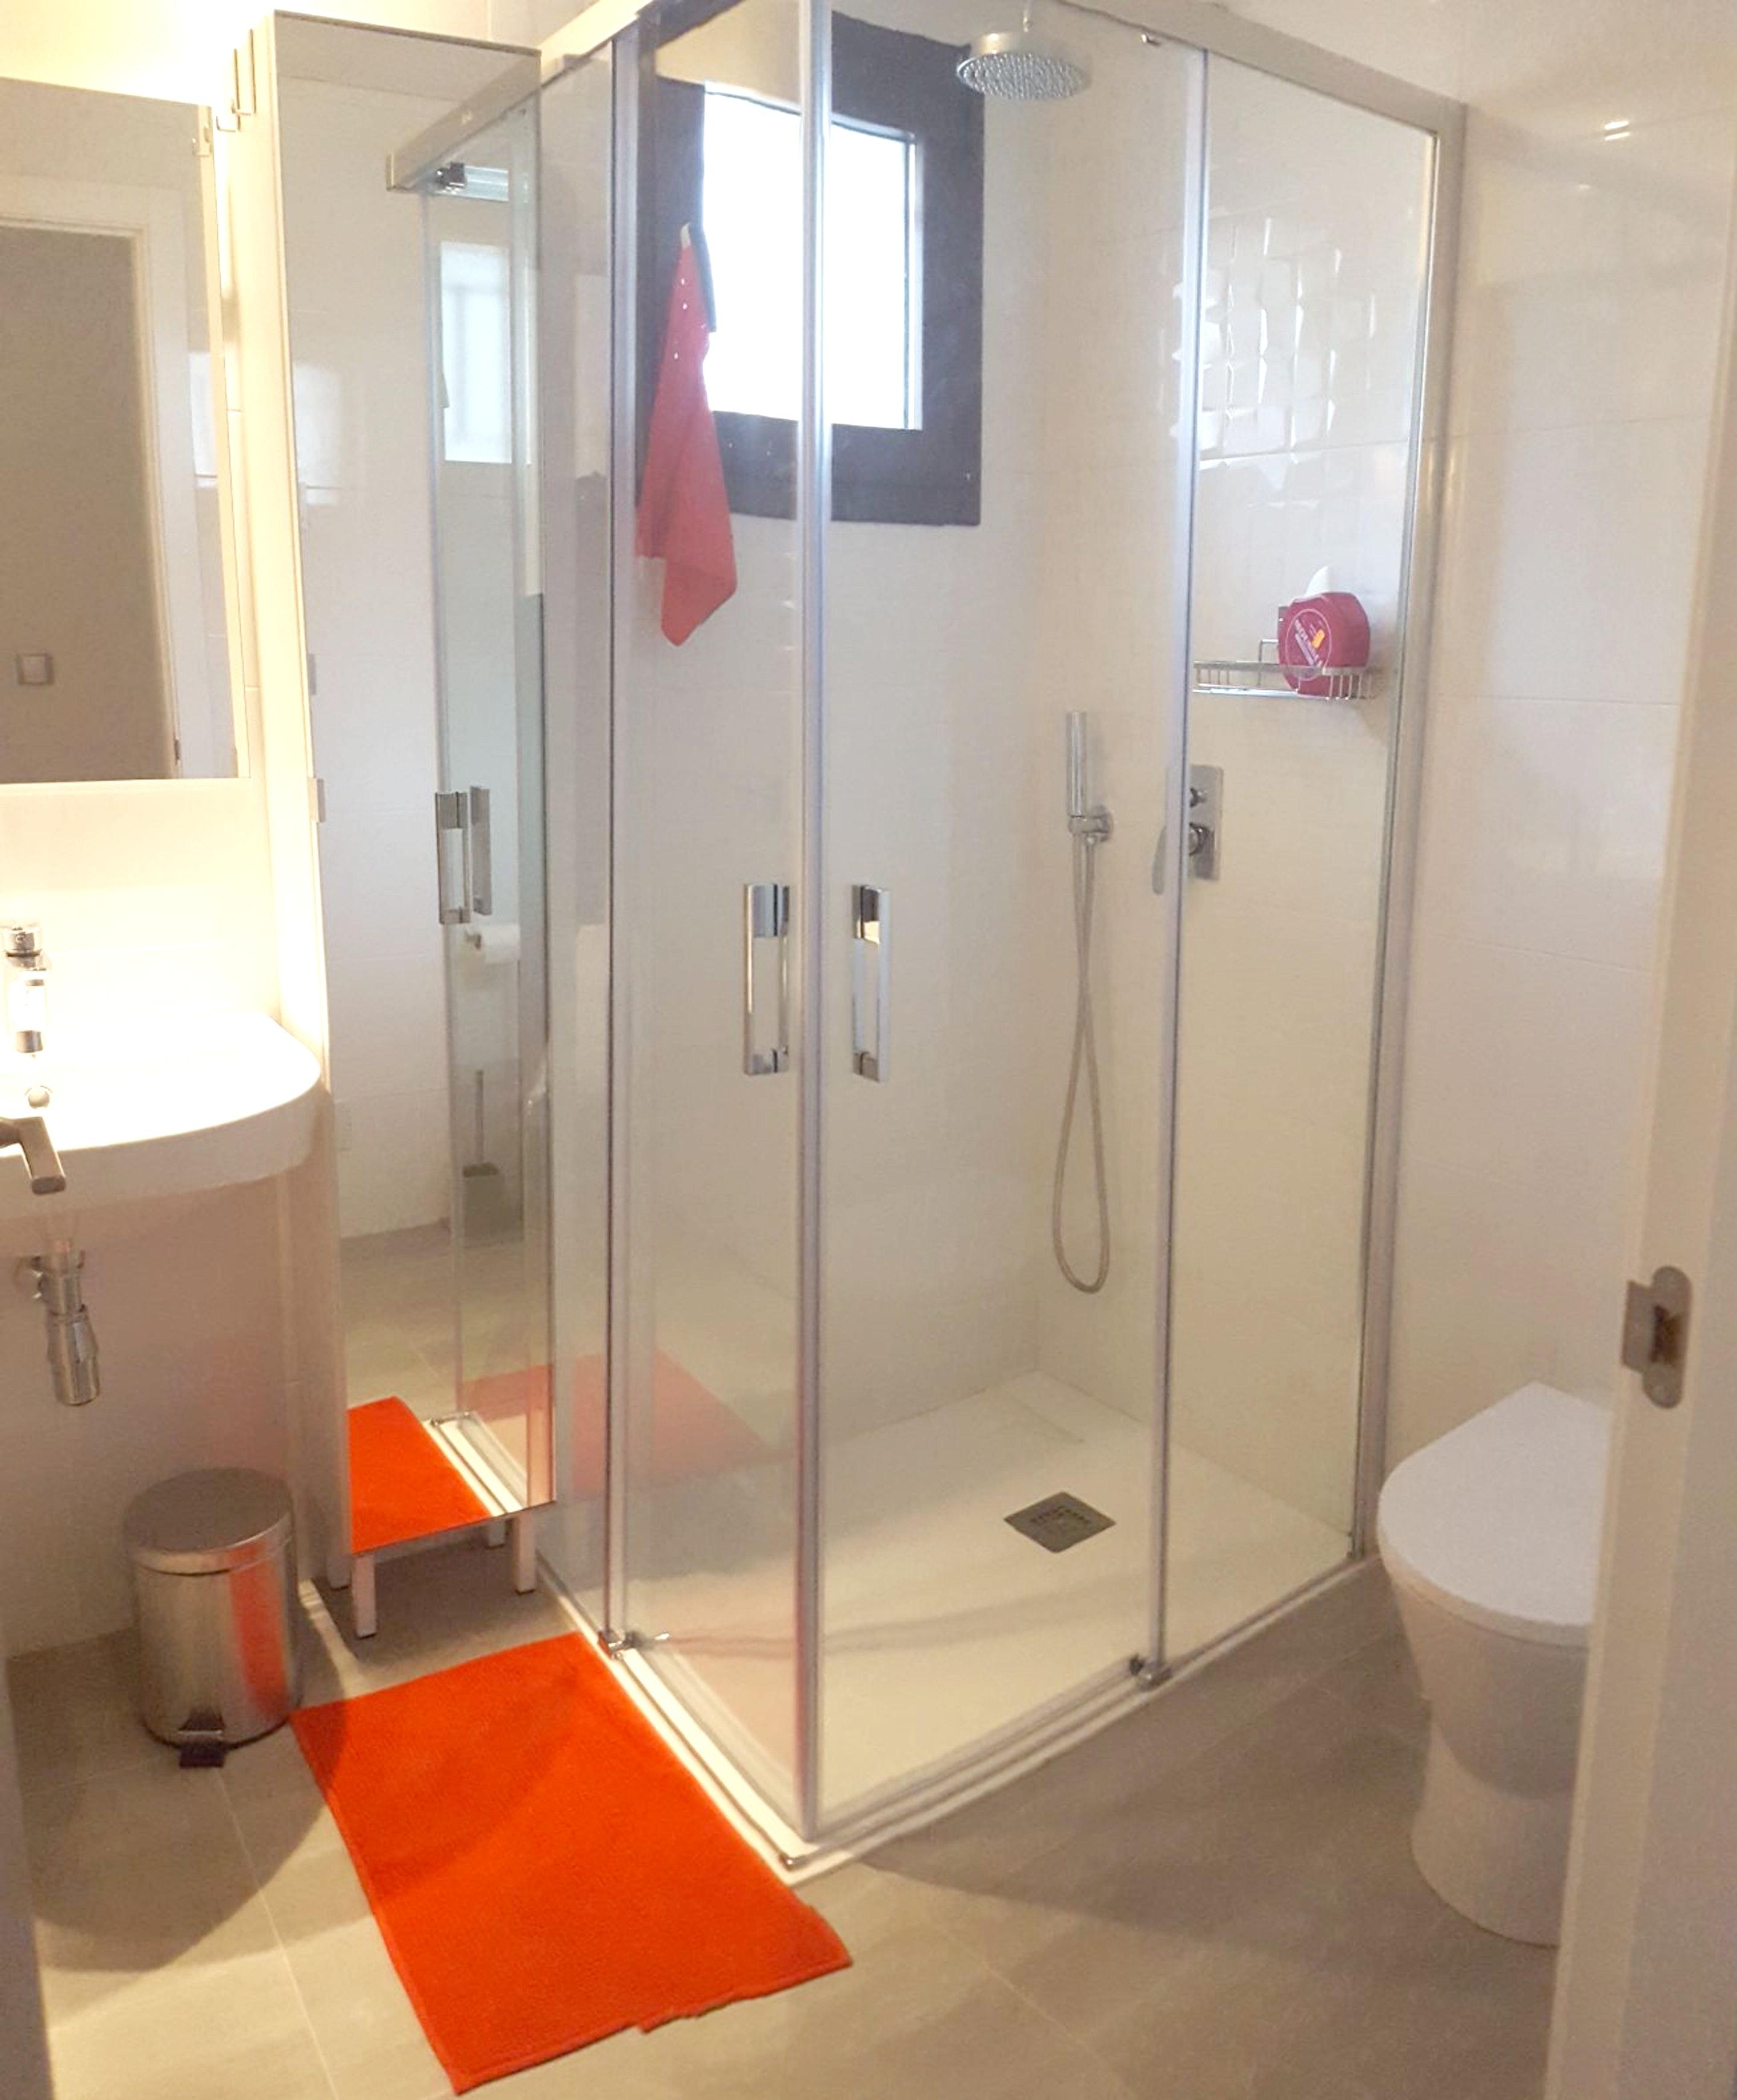 Ferienwohnung Wohnung mit 2 Schlafzimmern in San Juan de los Terreros mit herrlichem Meerblick, Pool, ei (2372661), San Juan de los Terreros, Costa de Almeria, Andalusien, Spanien, Bild 8